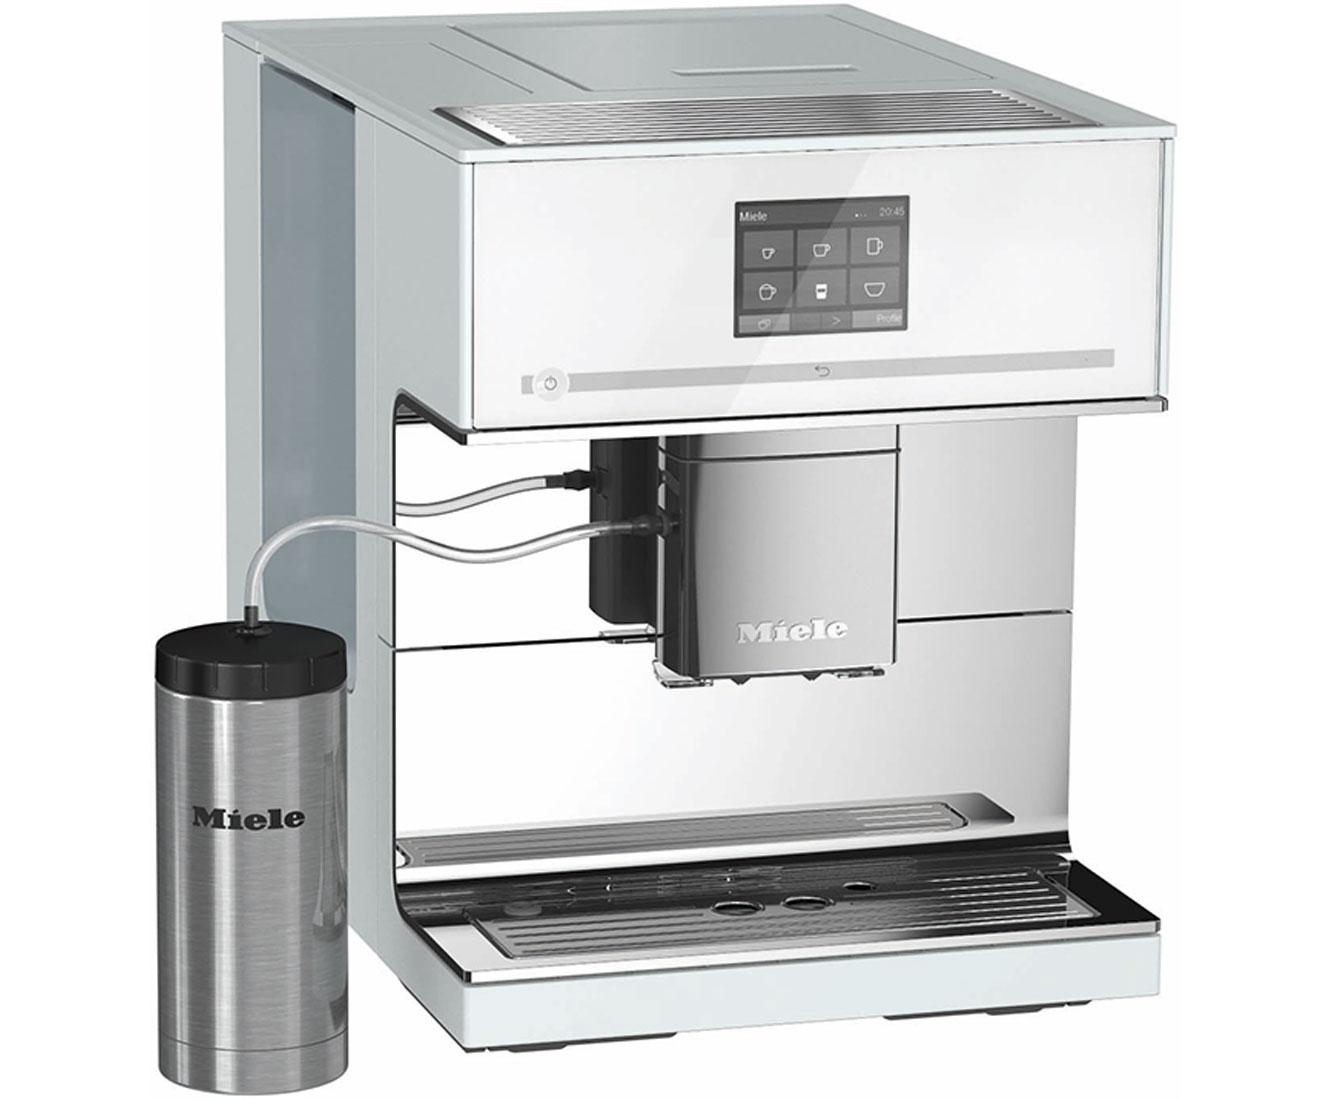 CM 7500 Kaffeemaschinen - Weiss